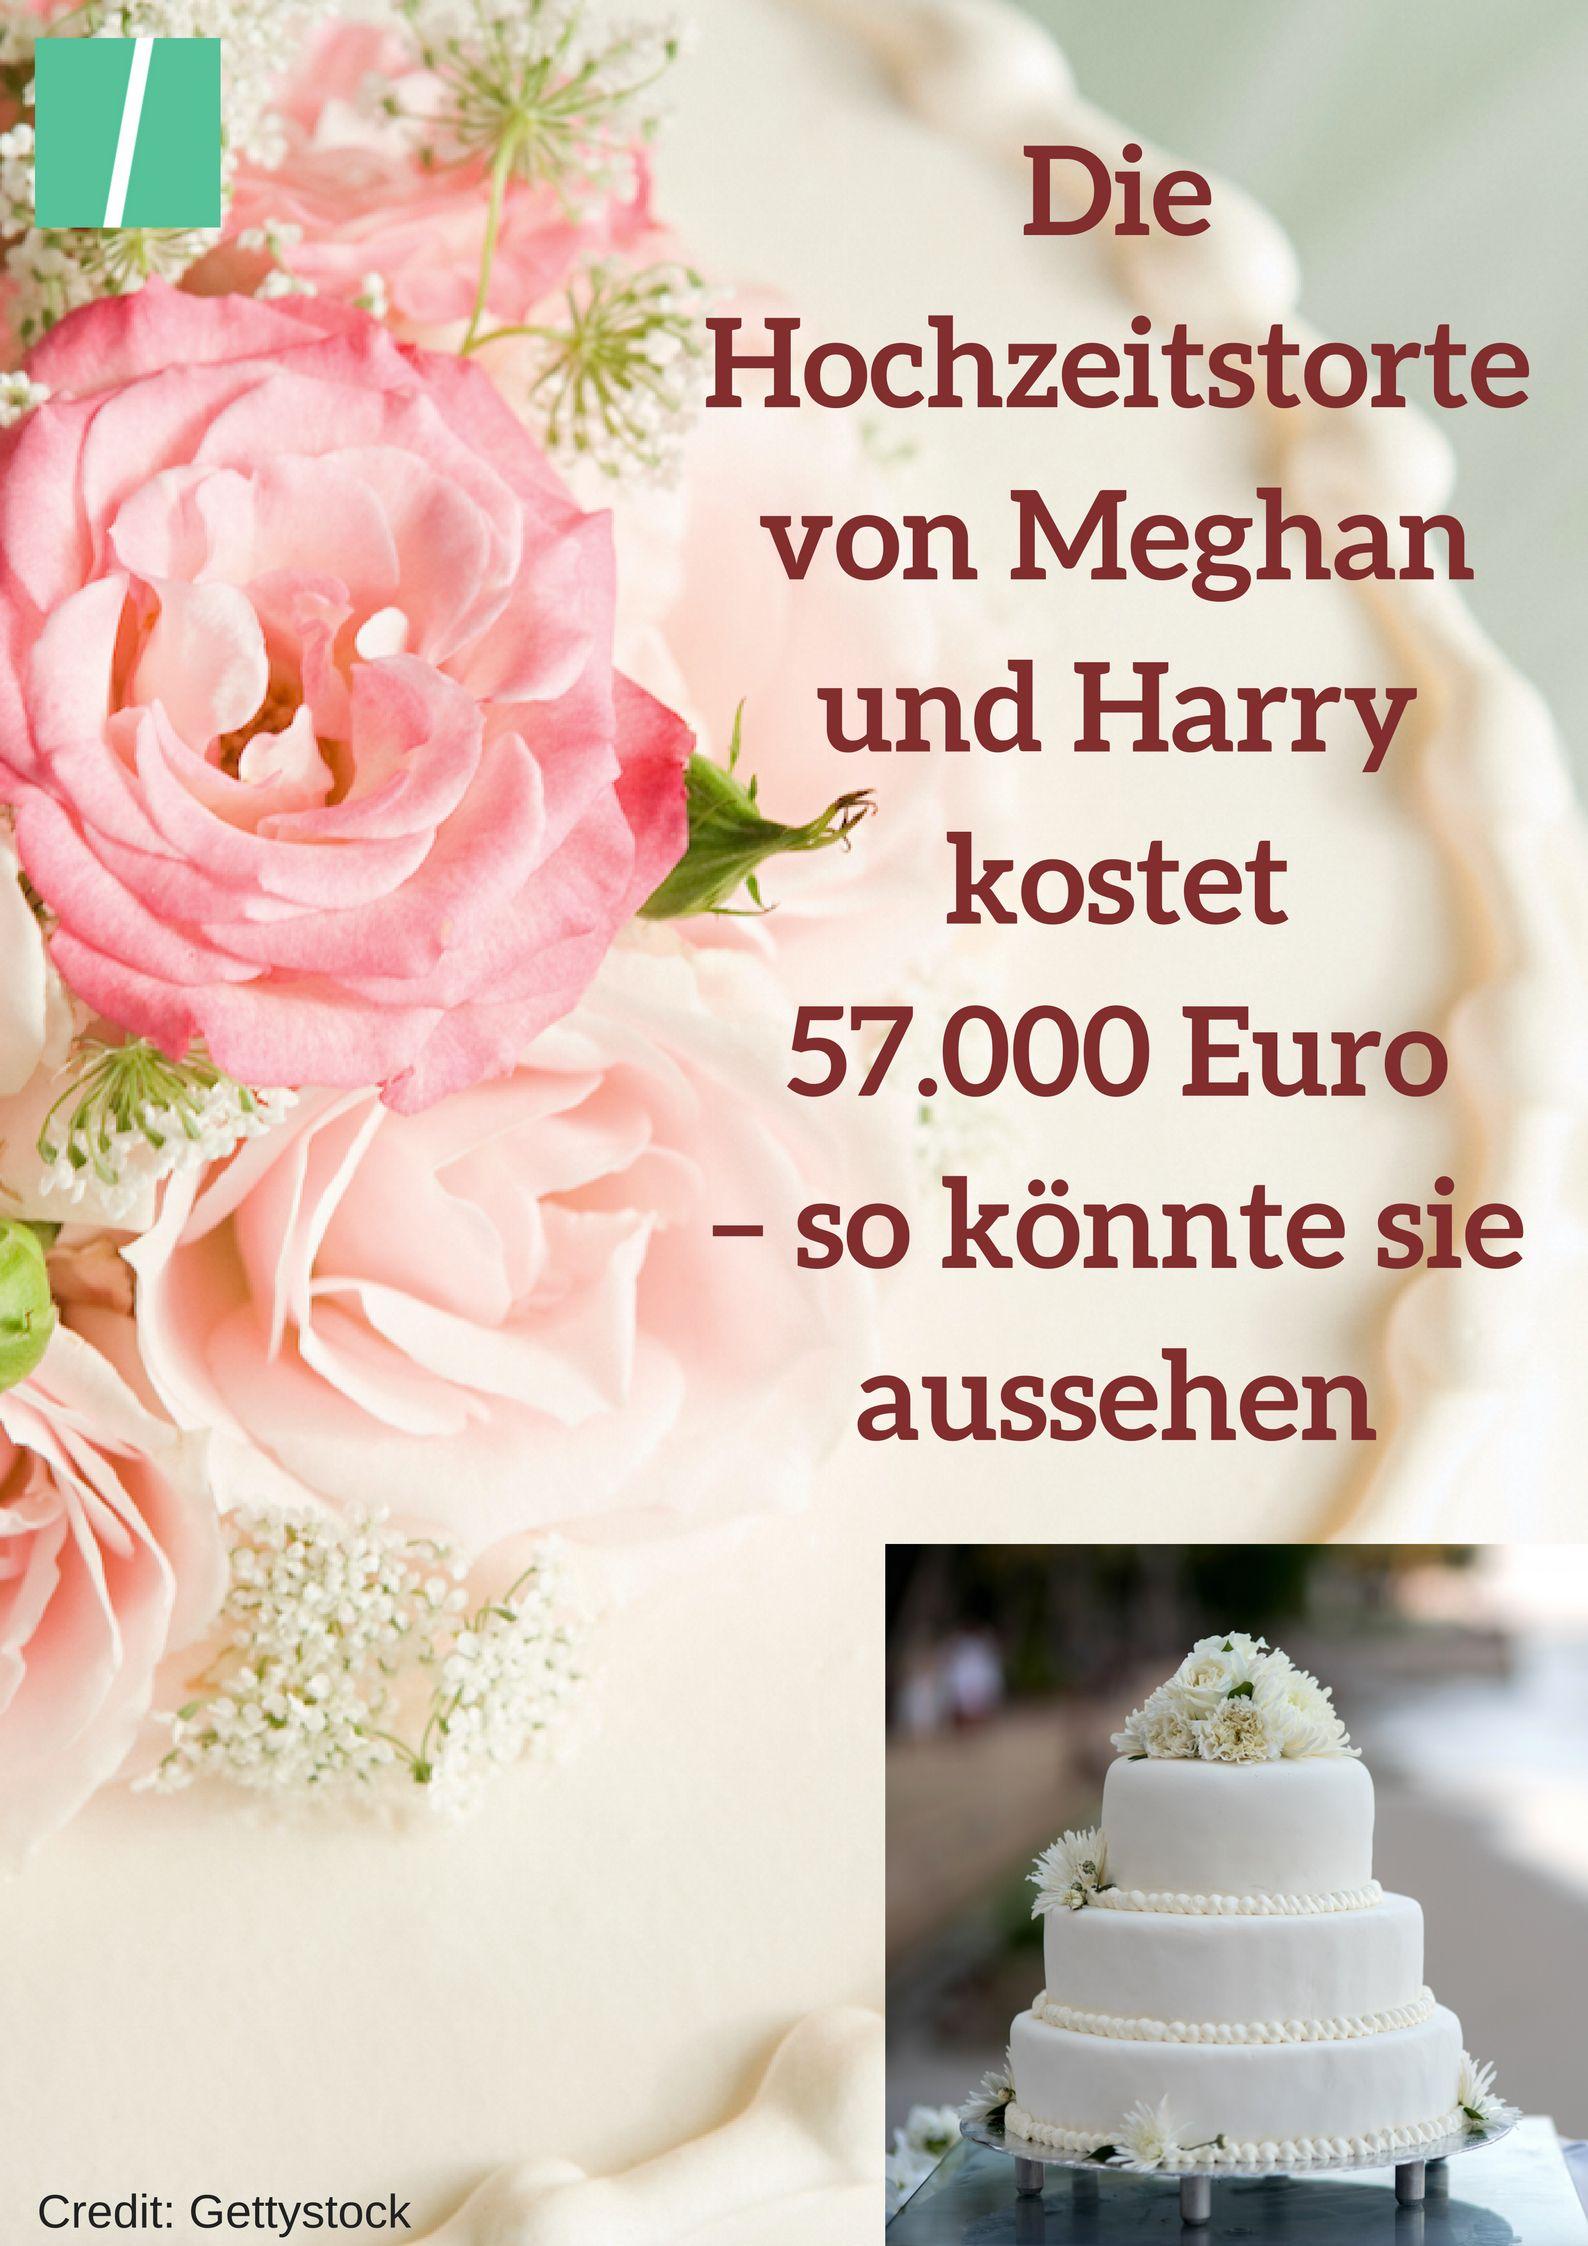 Die Hochzeitstorte Von Meghan Und Harry Kostet 57 000 Euro So